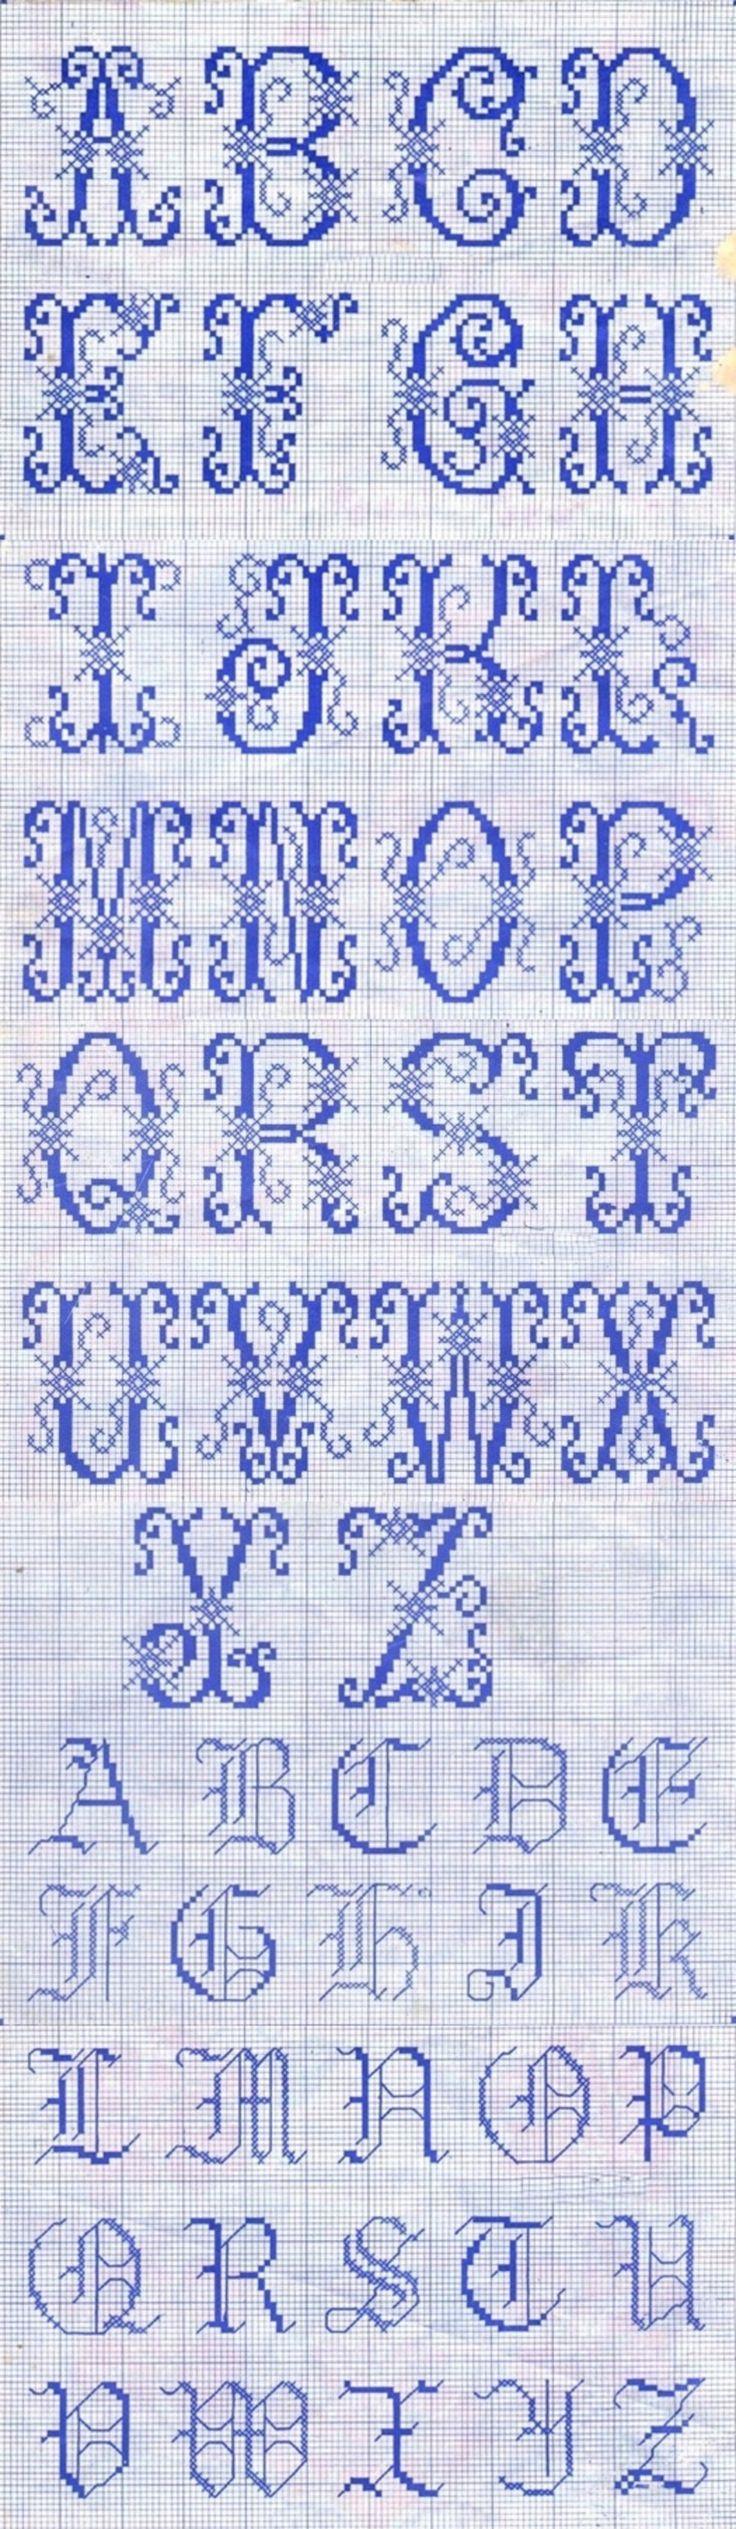 26英文字母十字绣样~~ - 堆糖 发现生活_收集美好_分享图片